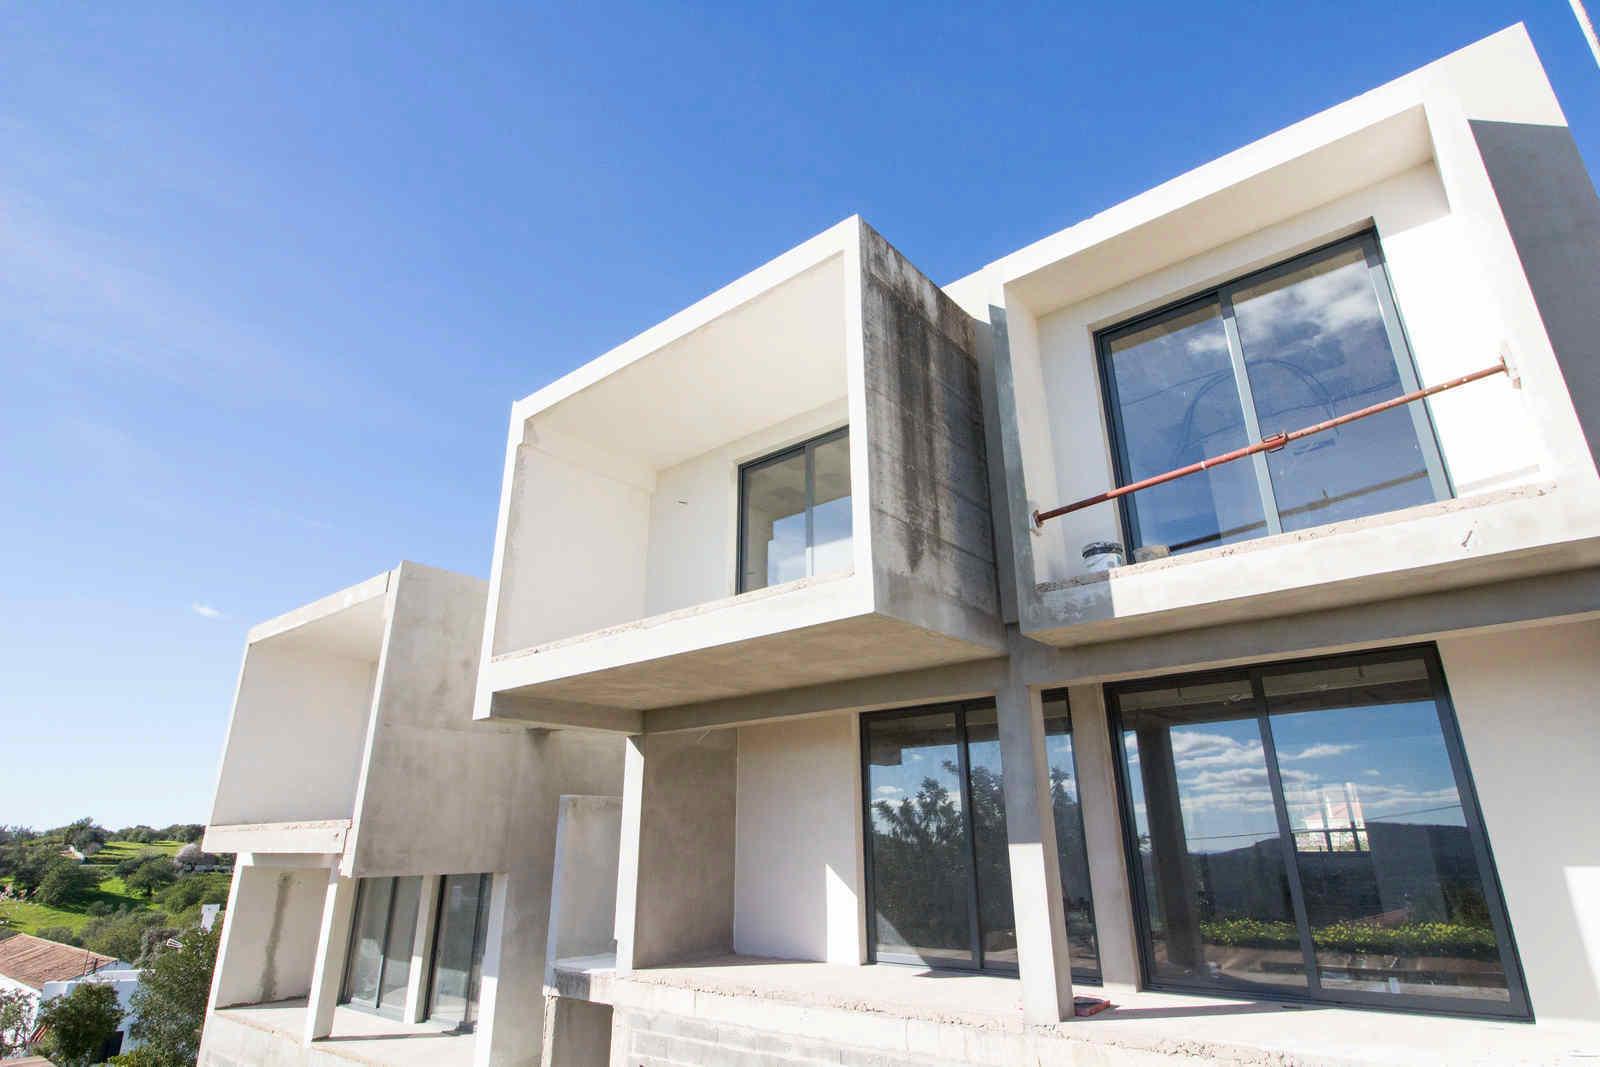 4 Bedroom Villa Sao Bras de Alportel, Central Algarve Ref: PV3437